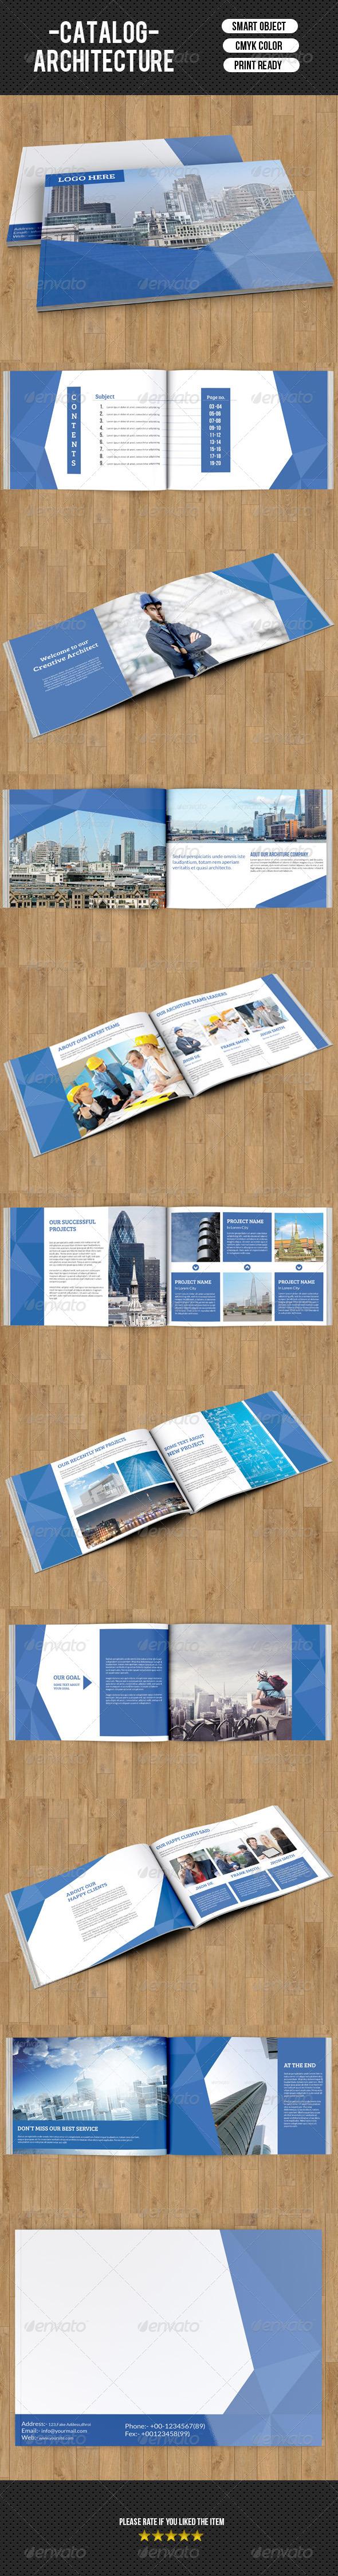 GraphicRiver Architecture Catalog-V26 8068258